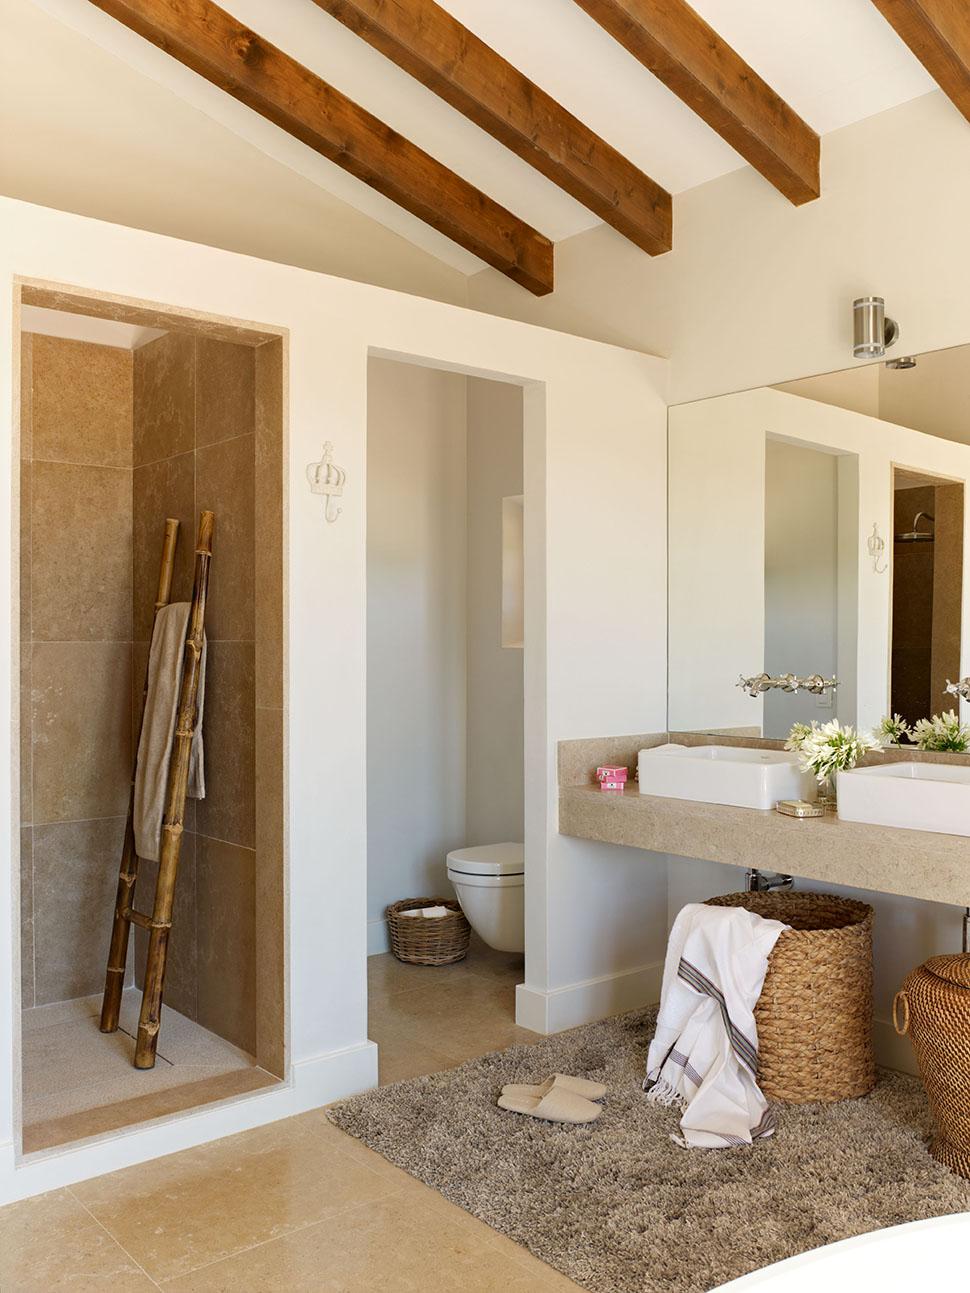 Una casa r stica nueva inspirada en las mas as tradicionales - Lavamanos sobre encimera ...